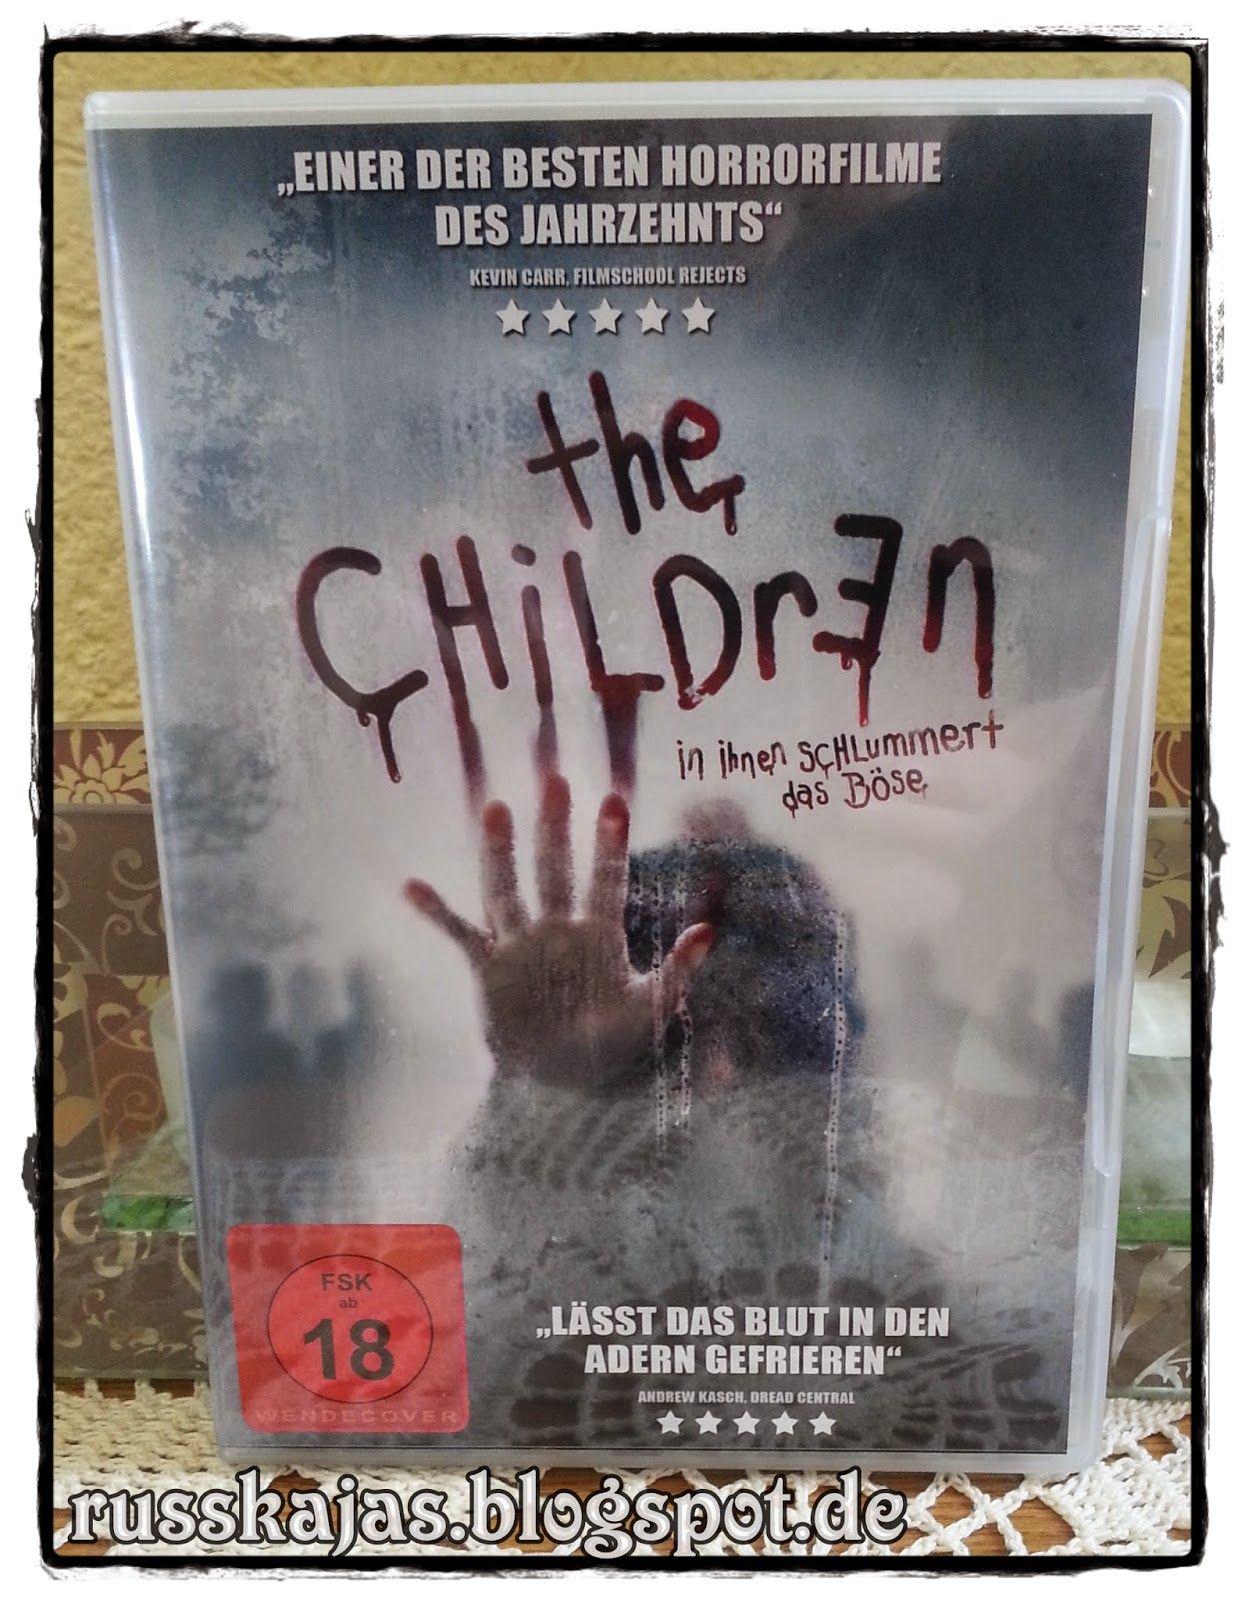 Russkajas ♥Beautyblog: Film Freitag - The Children